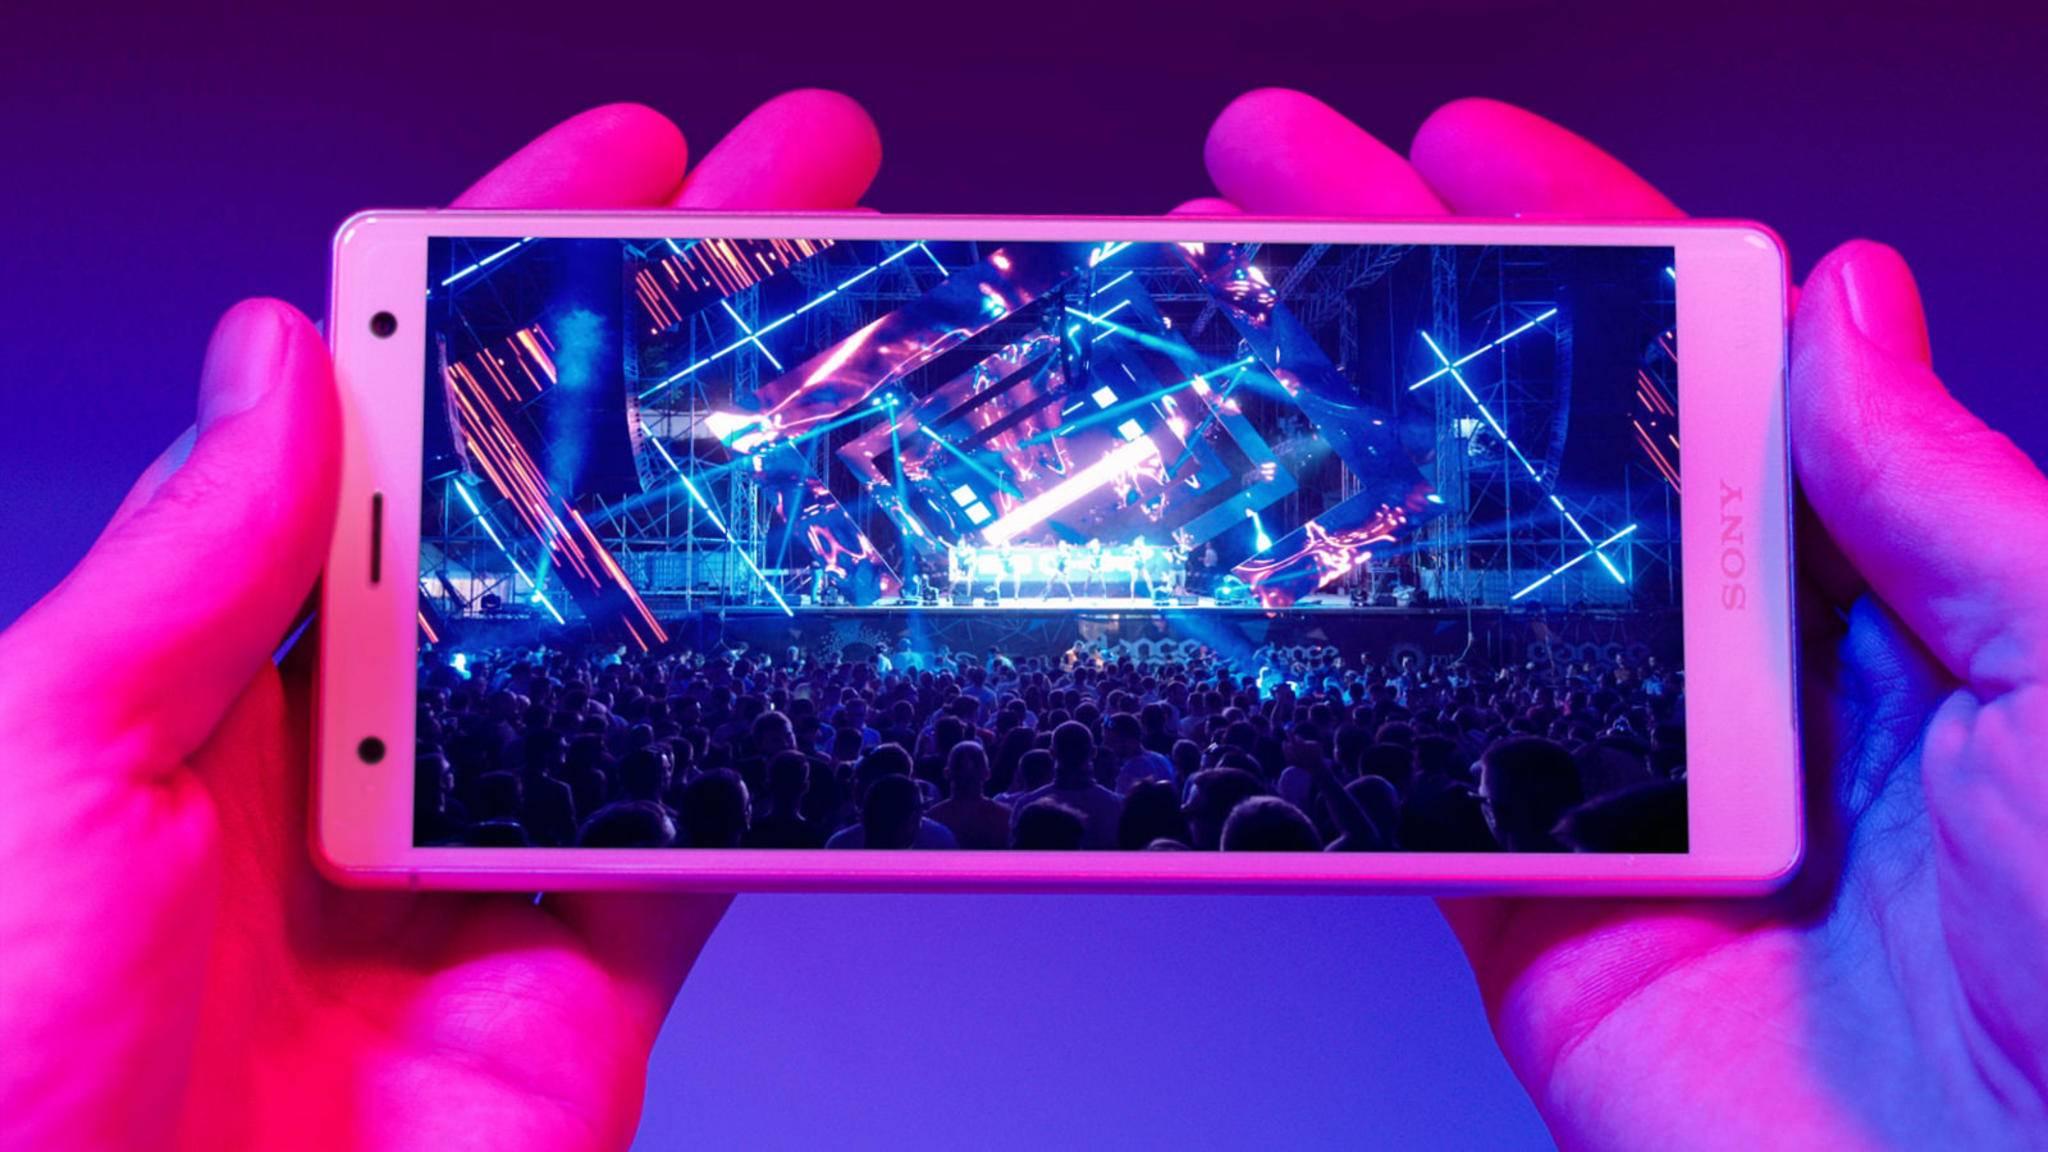 Das Xperia XZ2 hält offensichtlich länger durch als iPhone X, Galaxy S9 und Co.